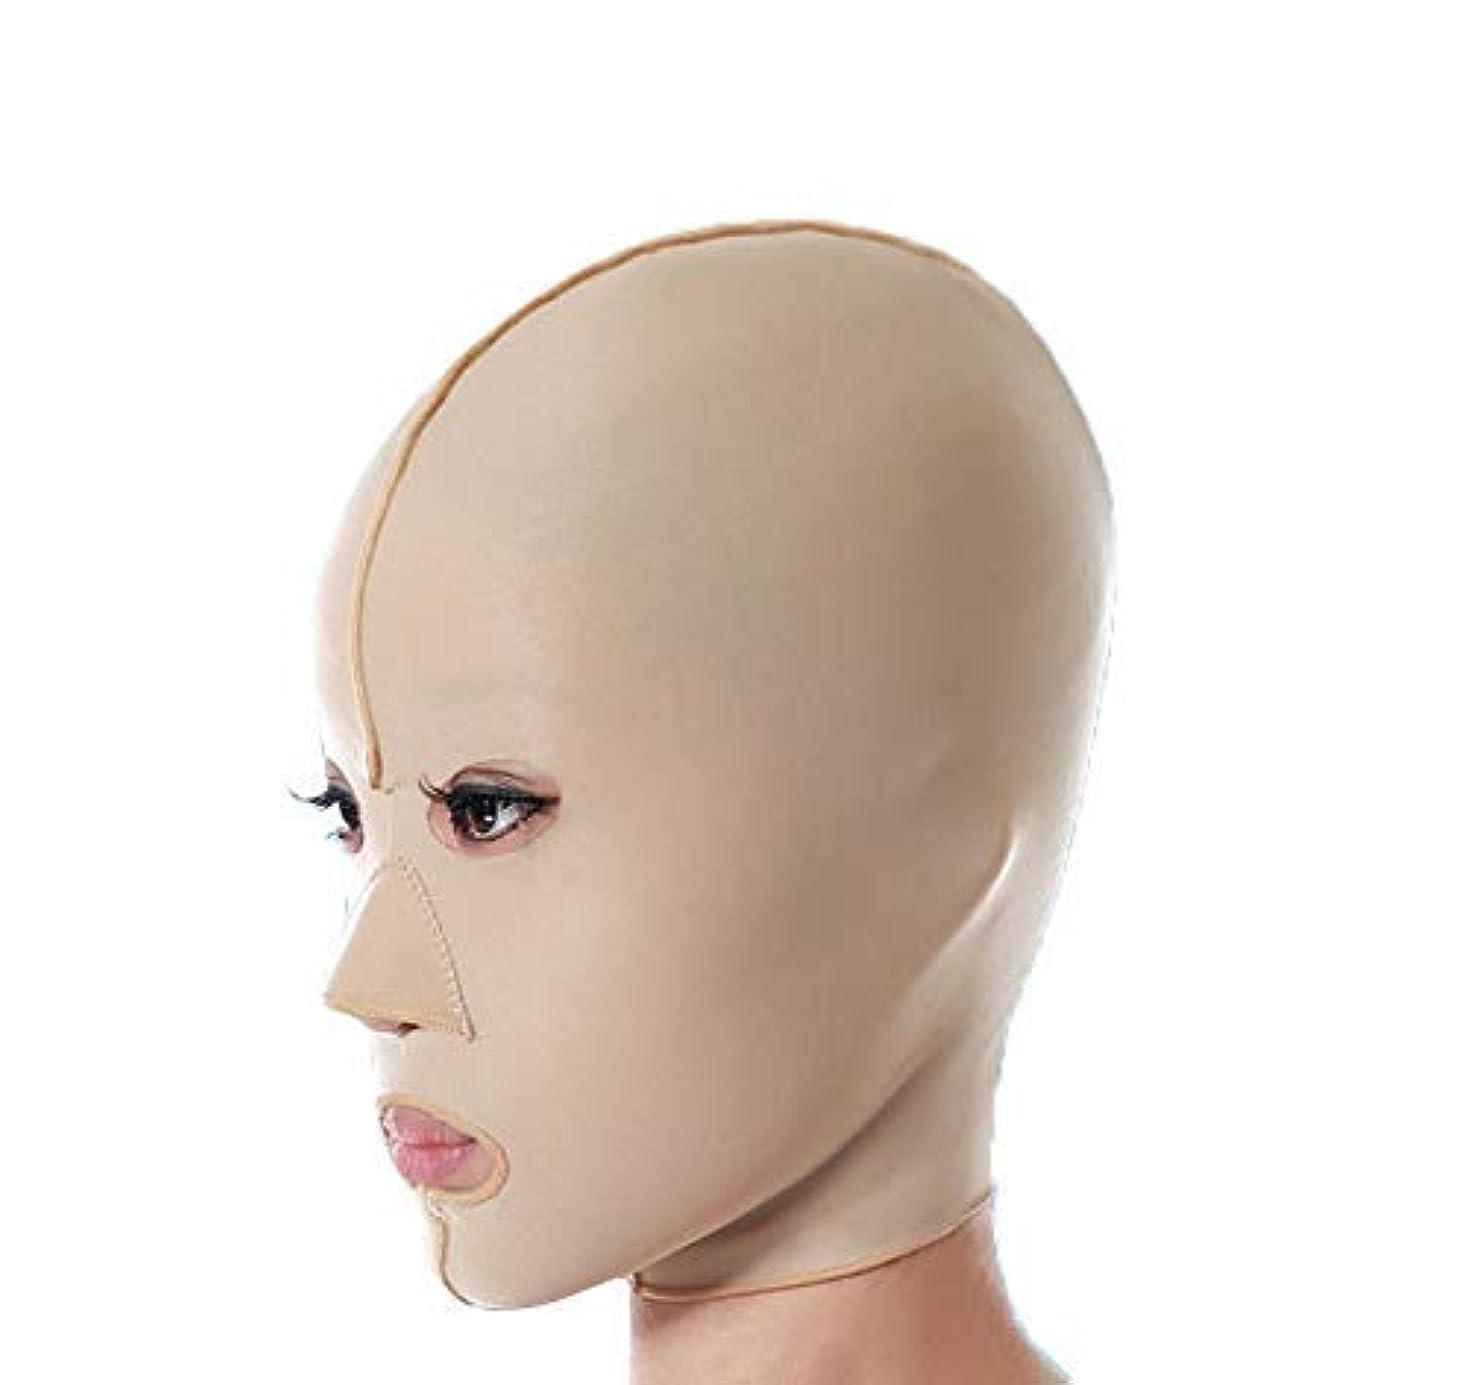 チャーター当社作曲するファーミングフェイスマスク、フェイシャルマスク医学強力なフェイスマスクアーティファクト美容垂れ防止法パターンフェイシャルリフティングファーミングフルフェイスマスク(サイズ:M),Xl